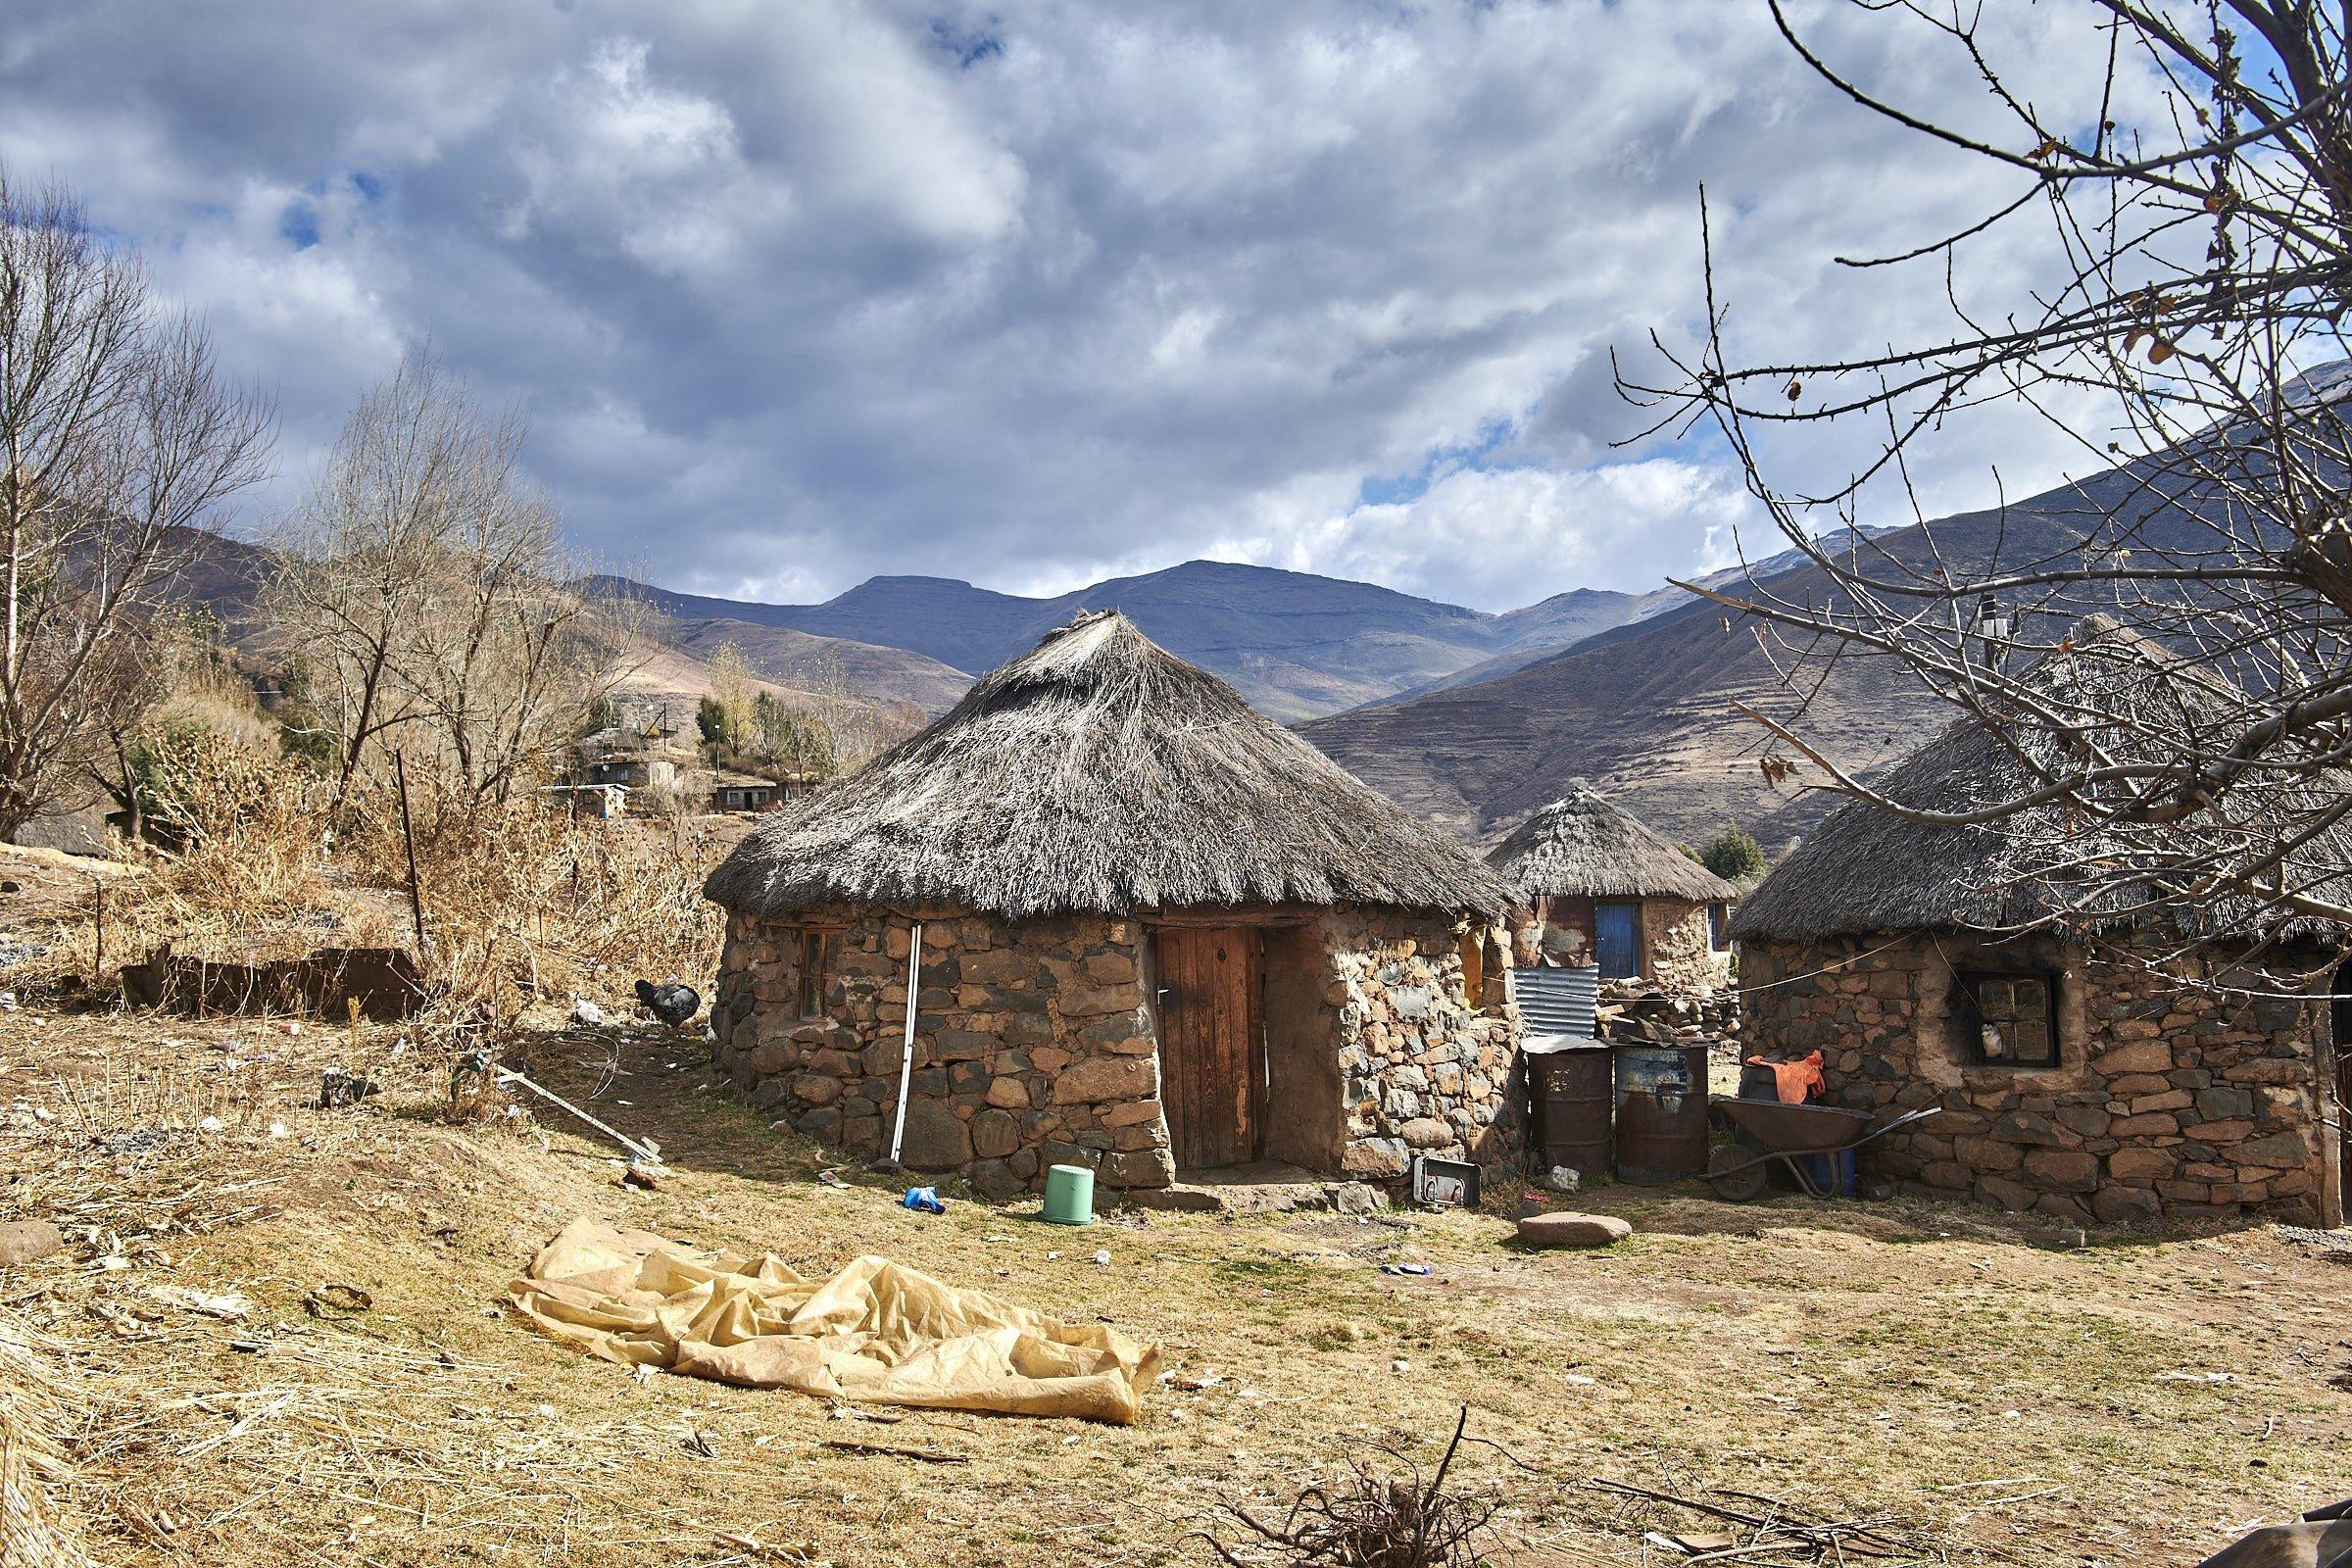 Die runden Gebäude sind aus Naturstein gemauert und haben ein grasgedecktes Dach